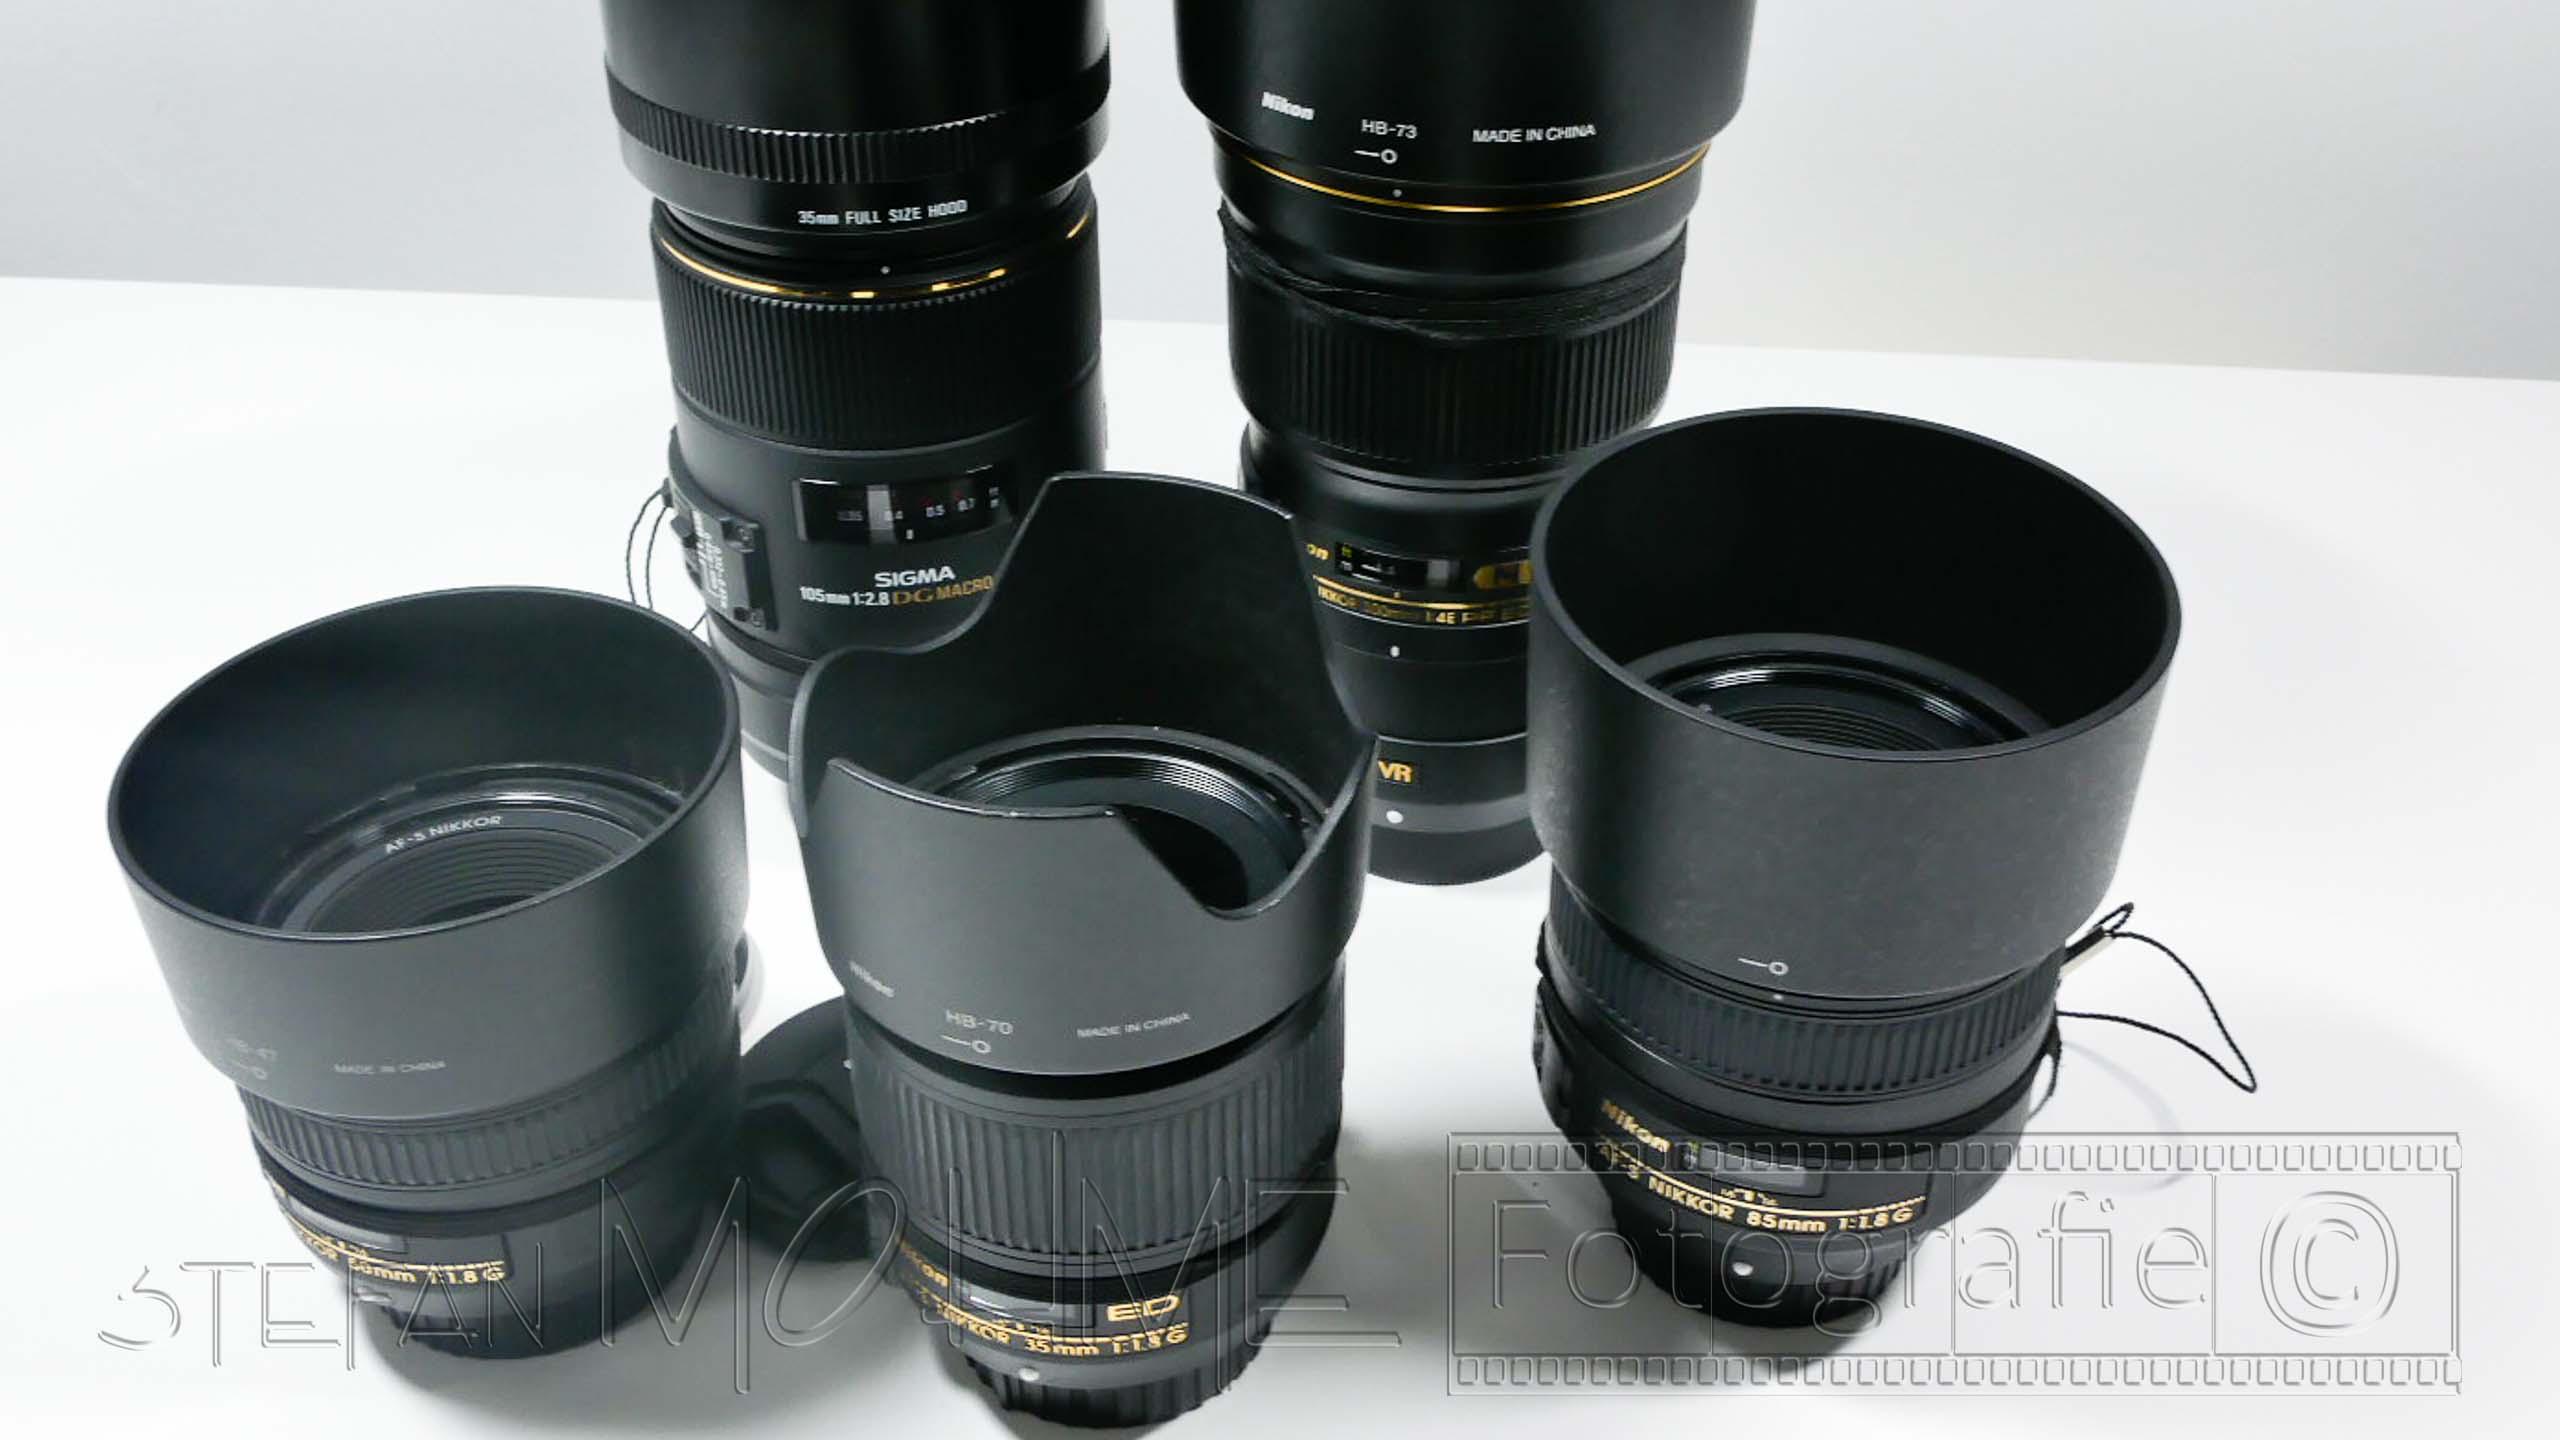 Festbrennweiten für Nikon Vollformat (FX), meine Empfehlungen!